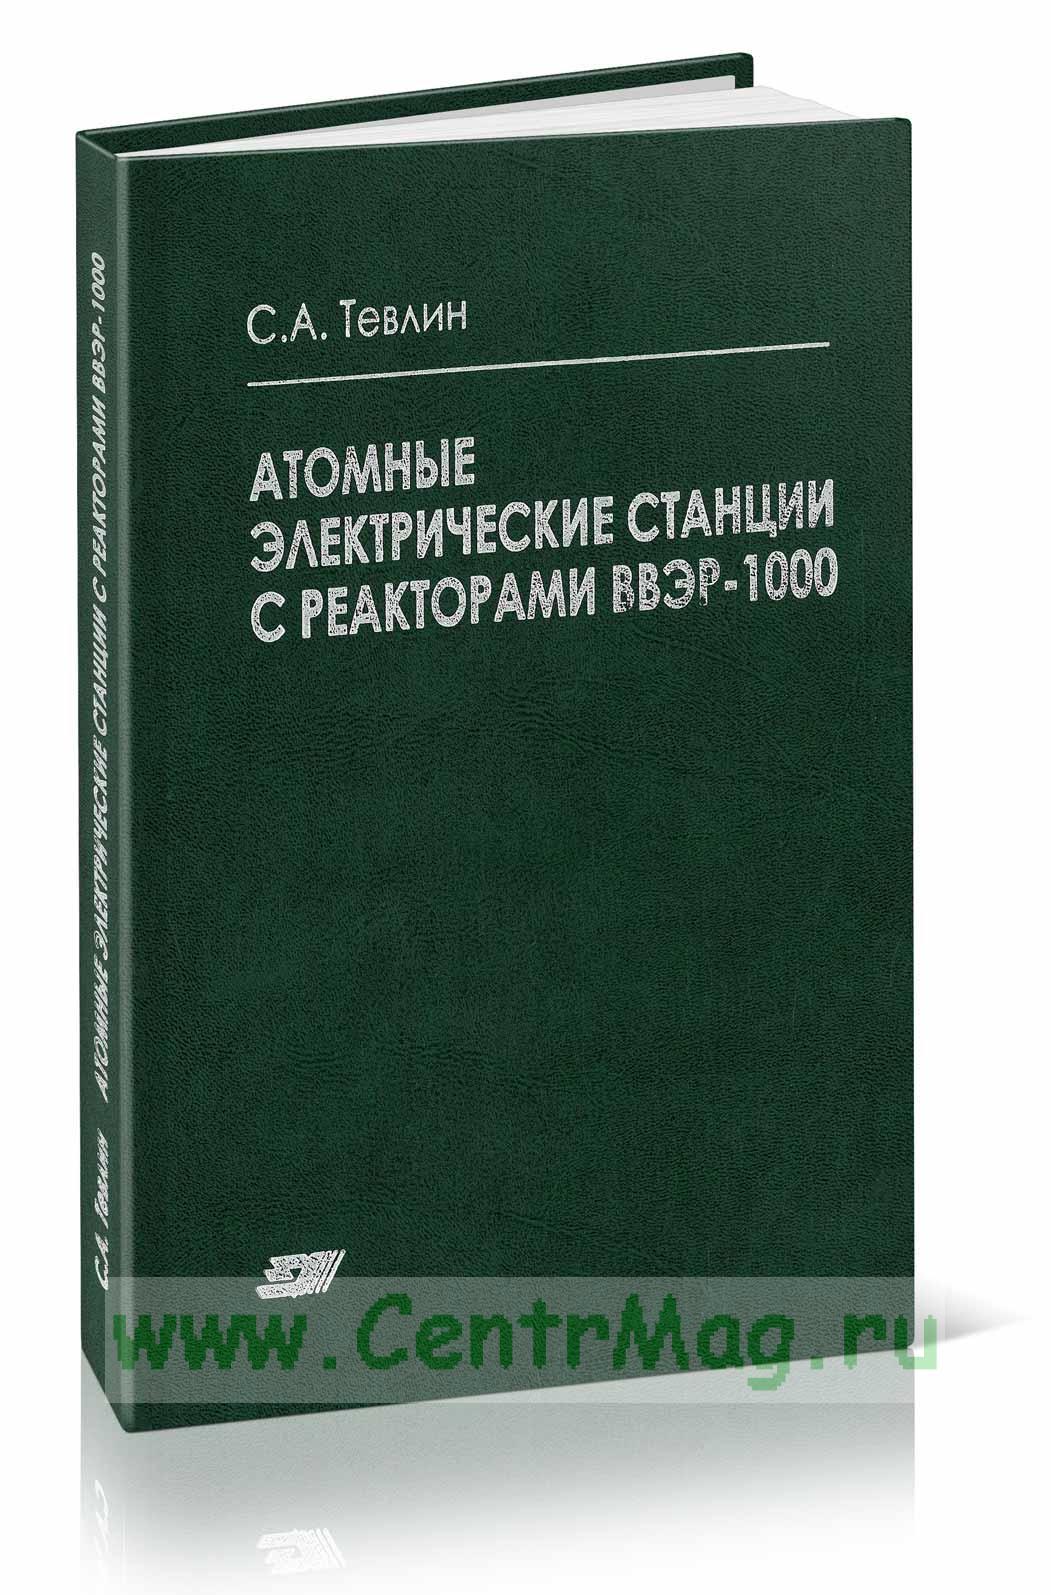 Атомные электрические станции с реакторами ВВЭР-1000: учебноепособие для вузов (2-е издание, дополненное)